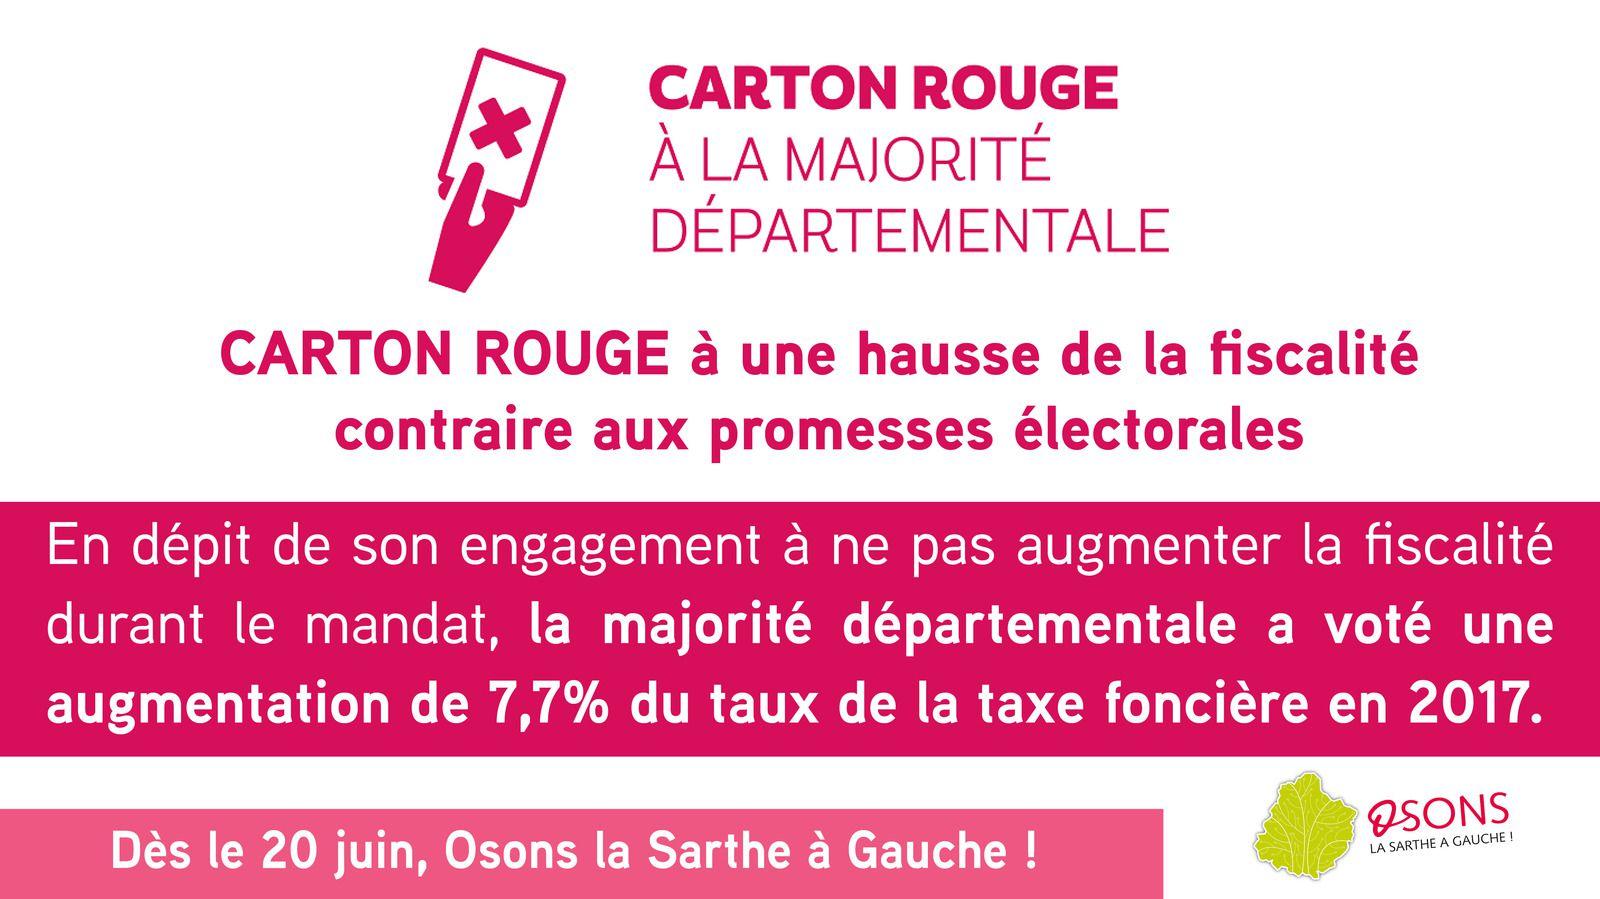 Hausse de la fiscalité : notre carton rouge à la majorité départementale